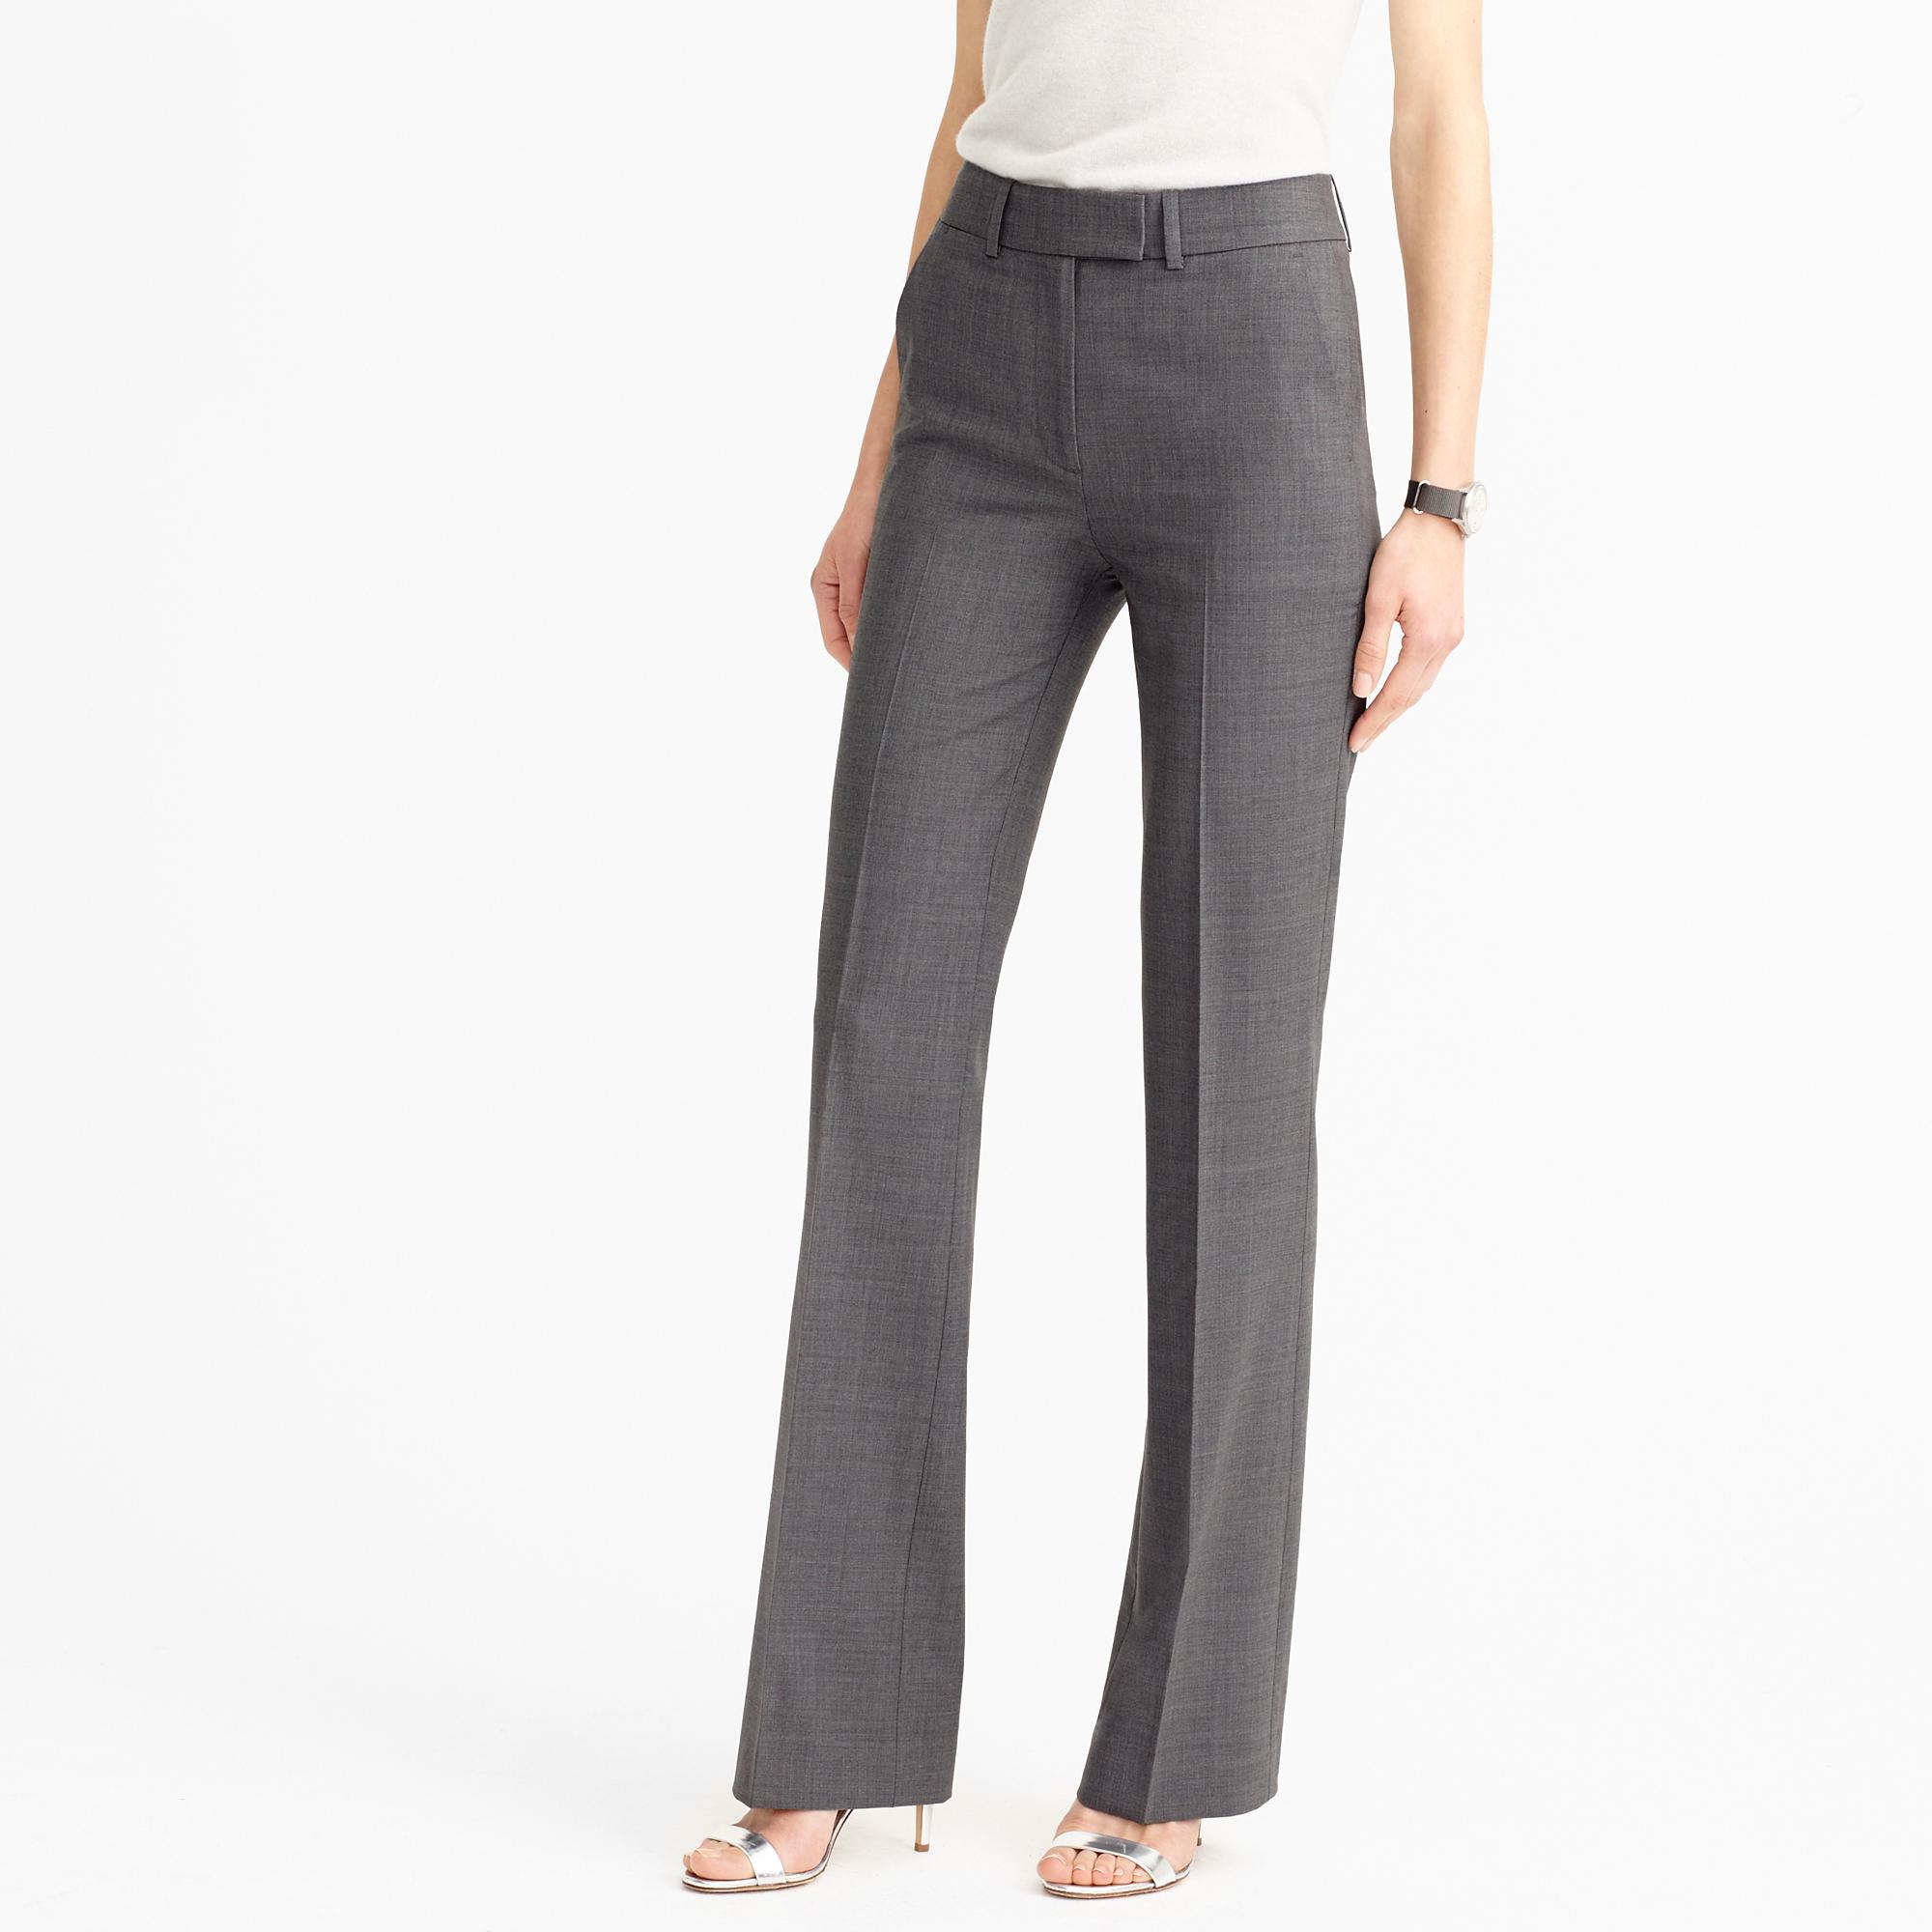 Preston Pant In Italian Stretch Wool : Women's Suit Pants | J.Crew